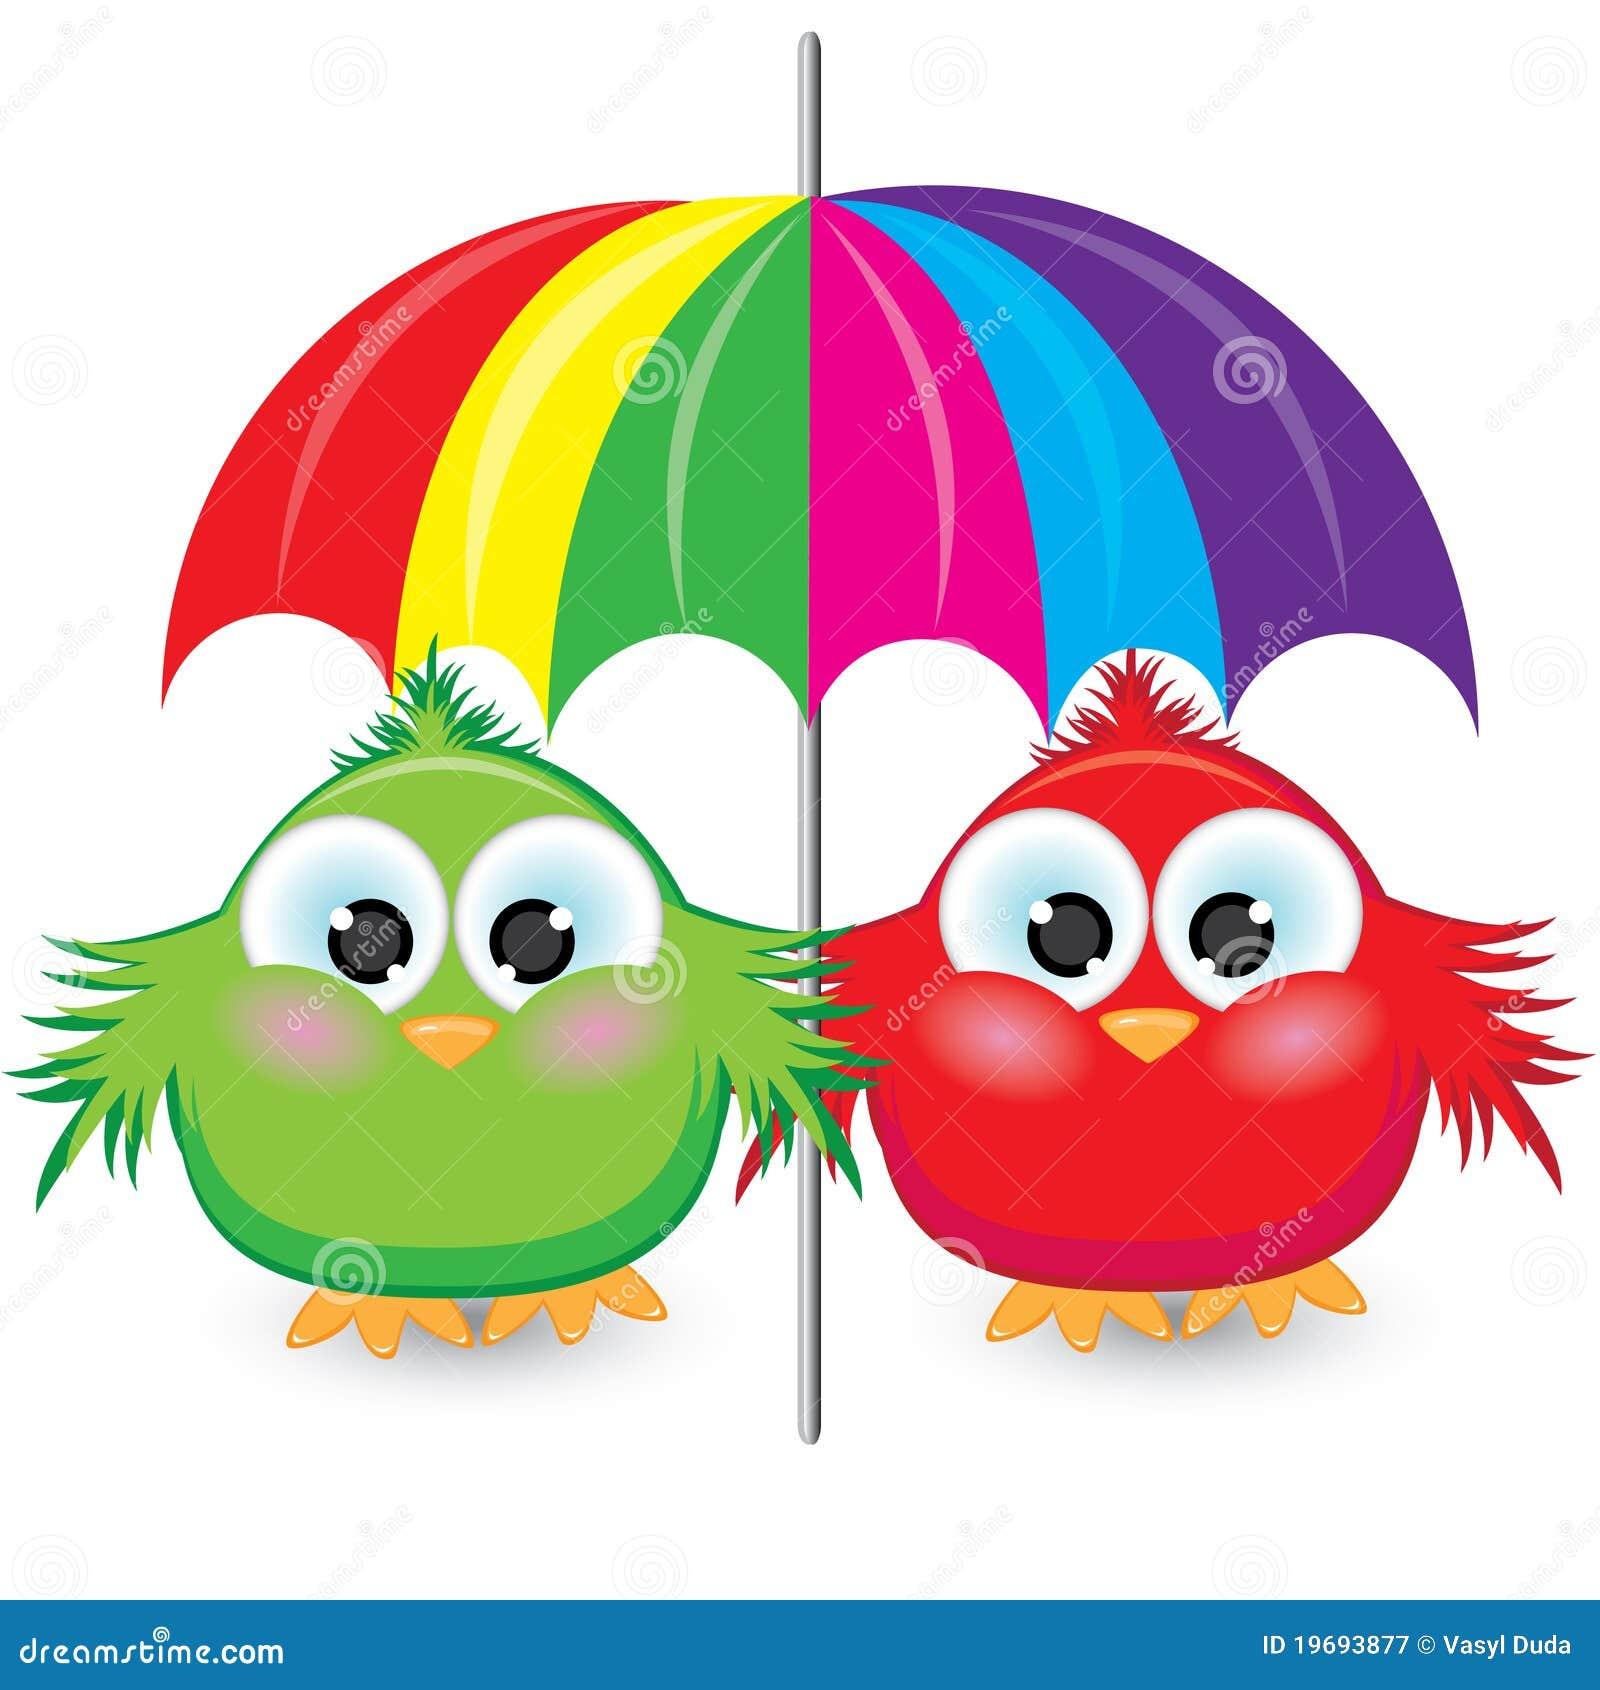 在白色之下的背景动画片五颜六色的例证麻雀二伞.图片